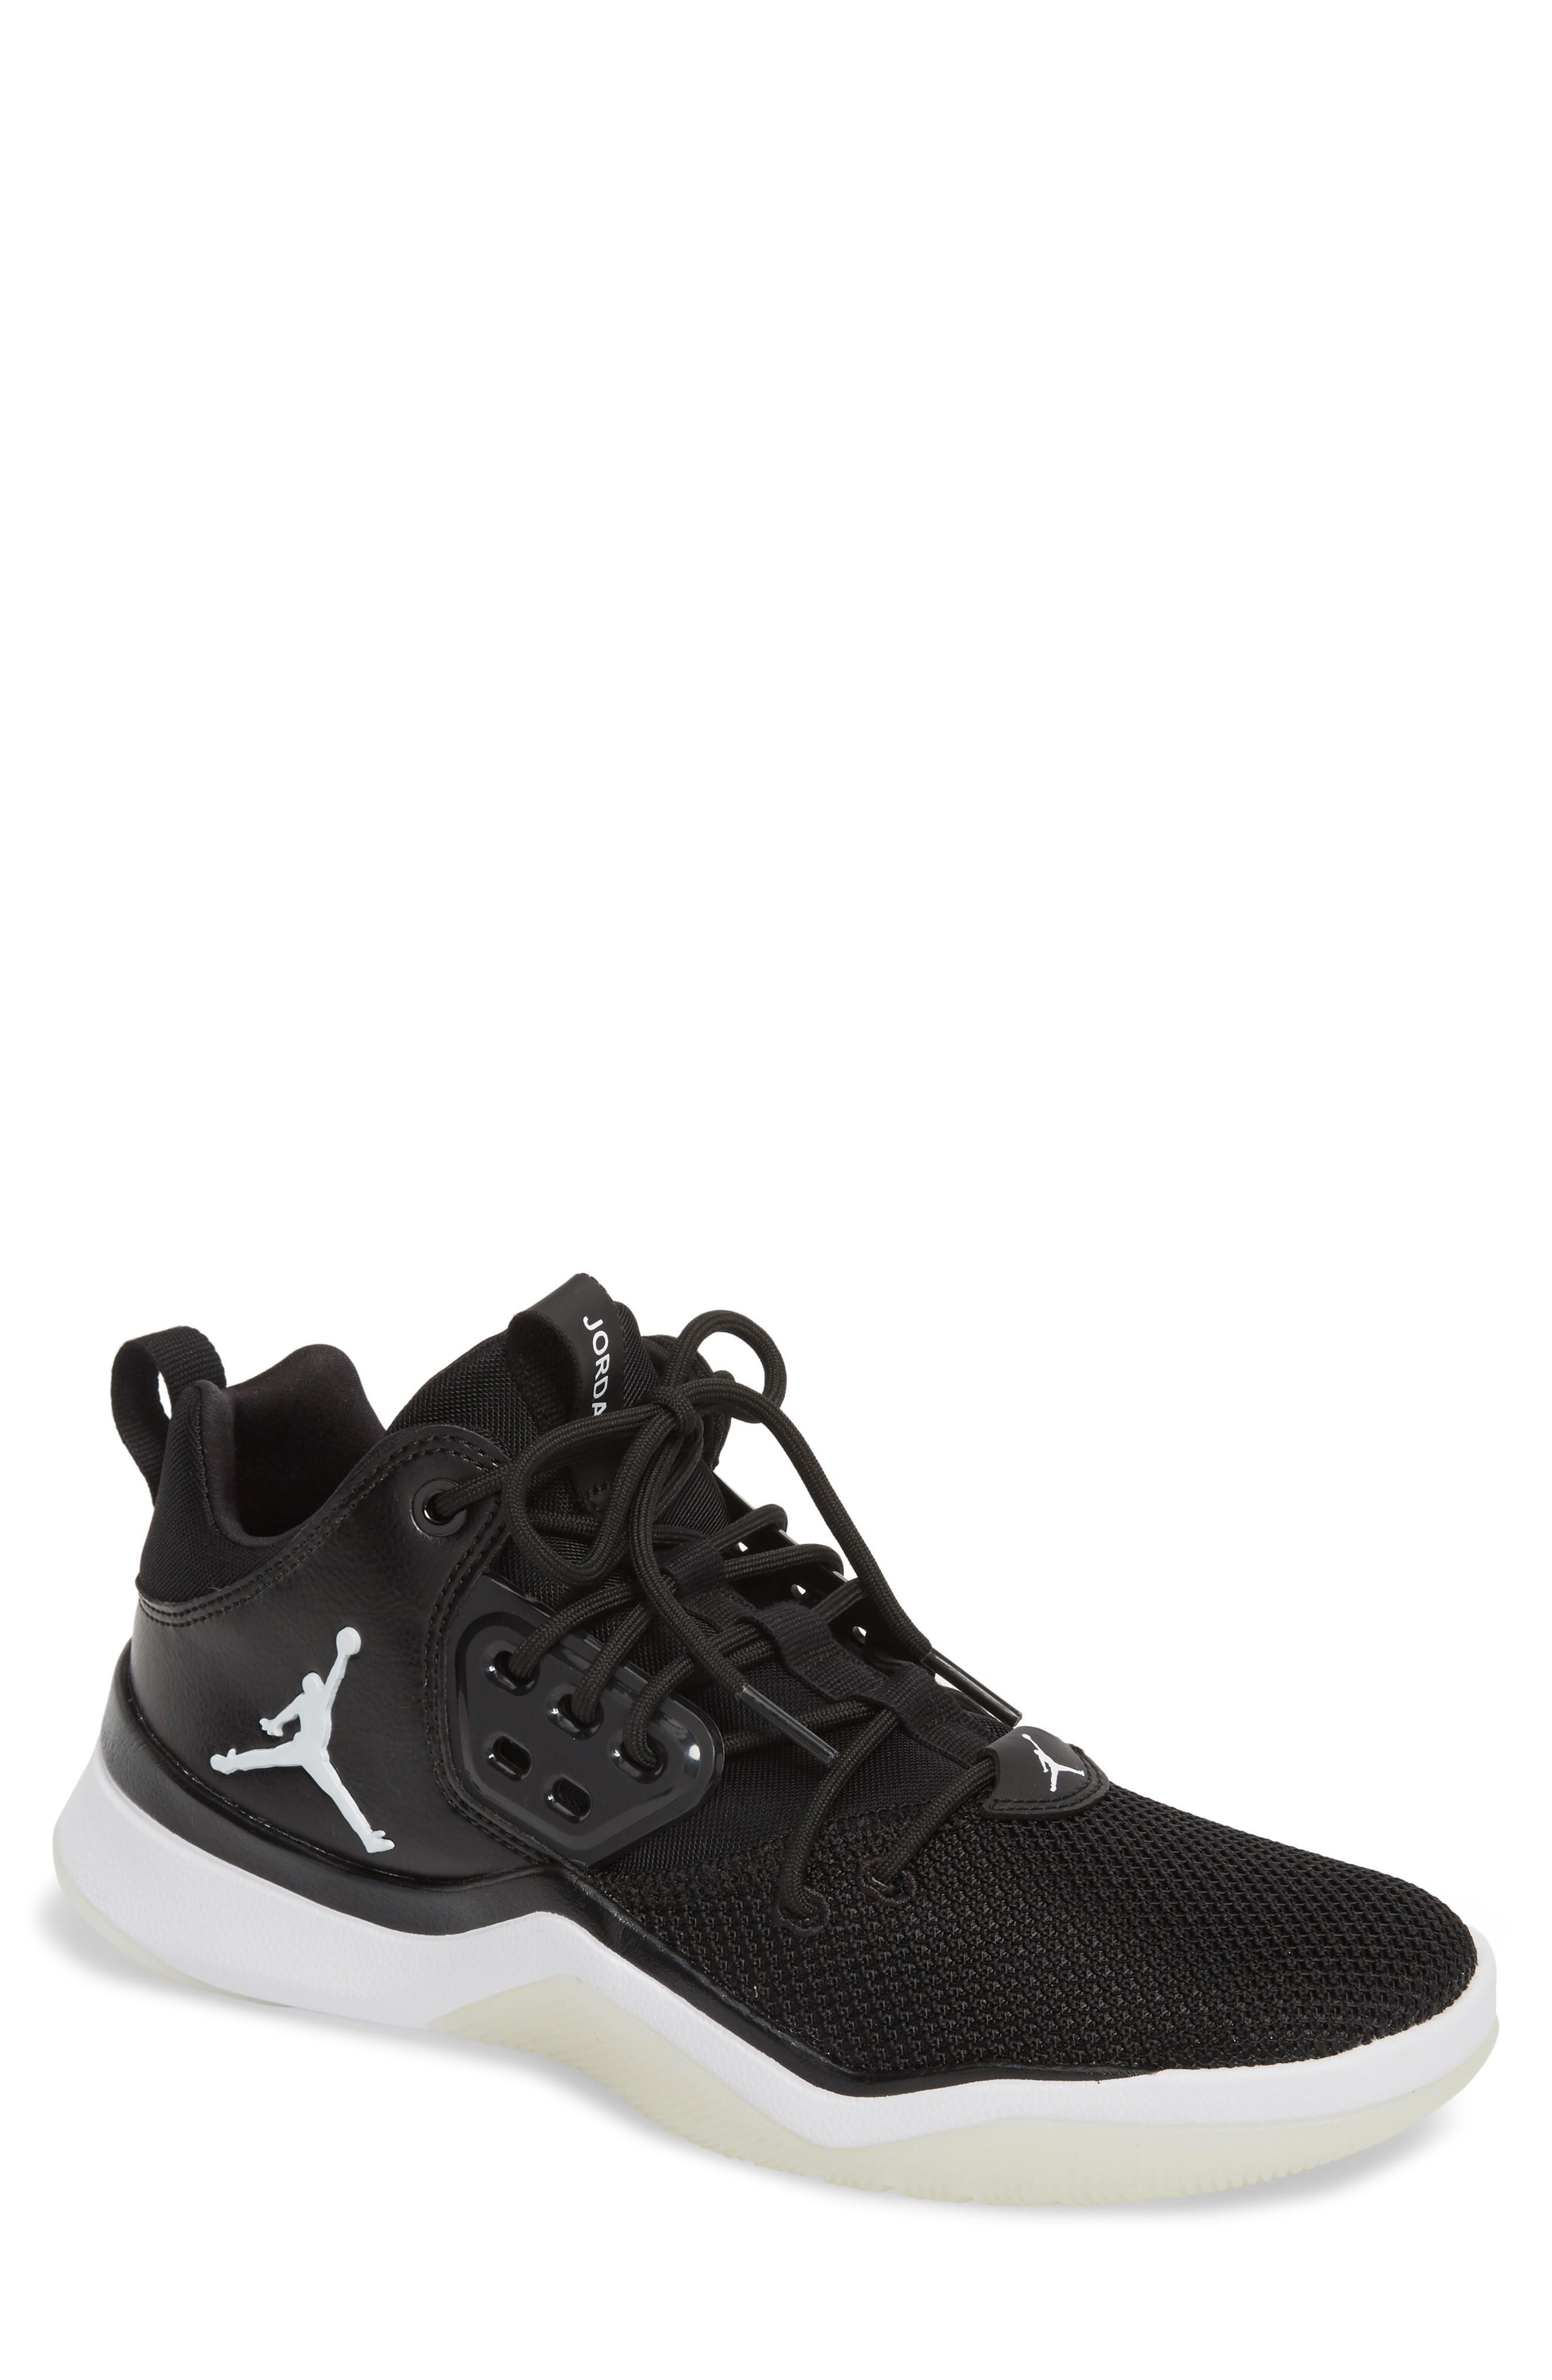 Nike Jordan Dna Sneaker In Black/ White